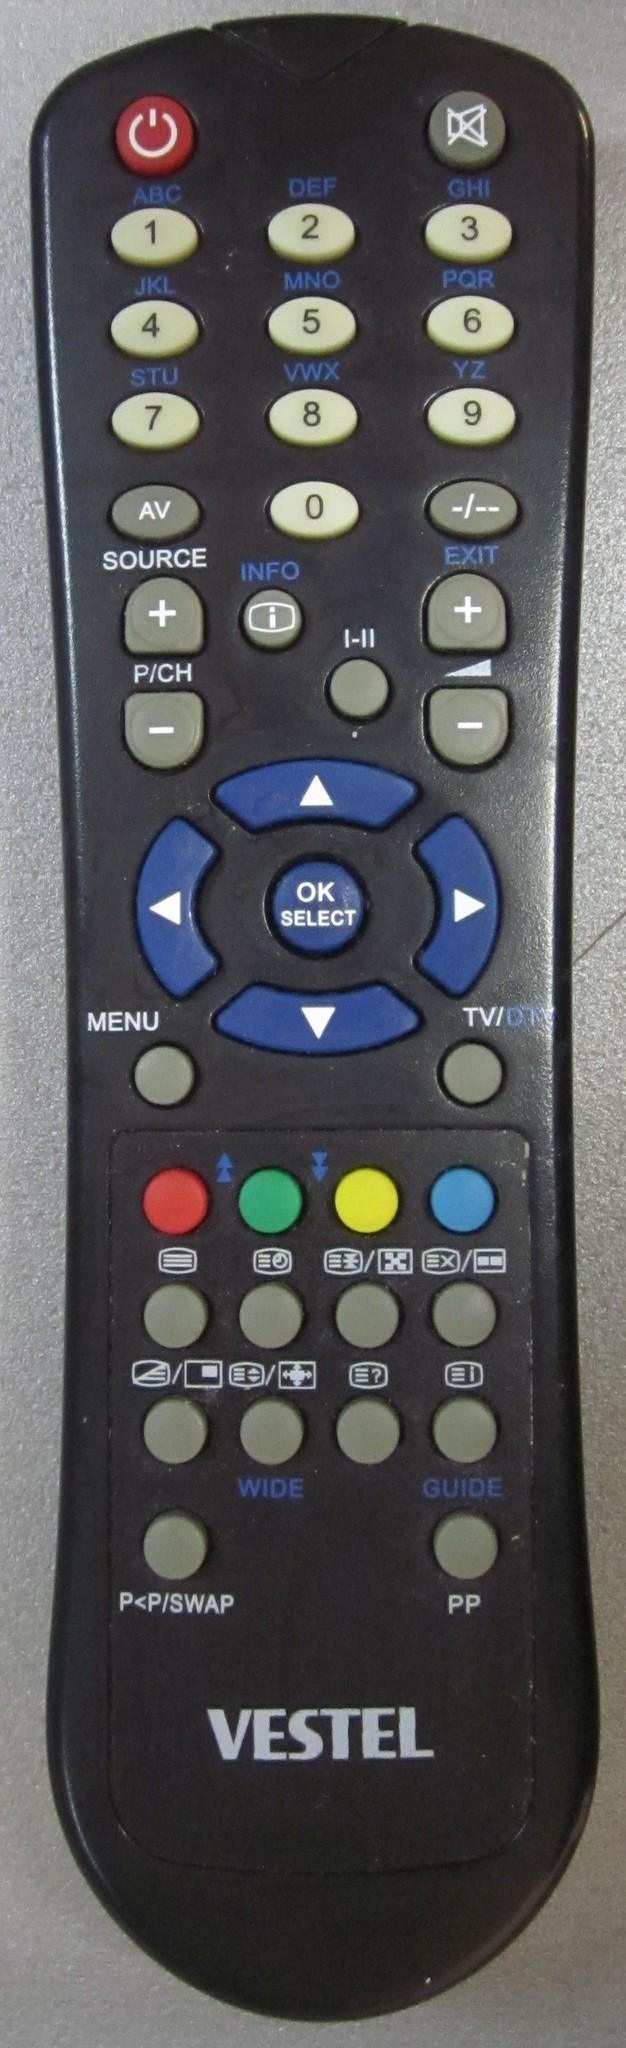 пульт для телевизора VESTEL VR32735 TFT-BA